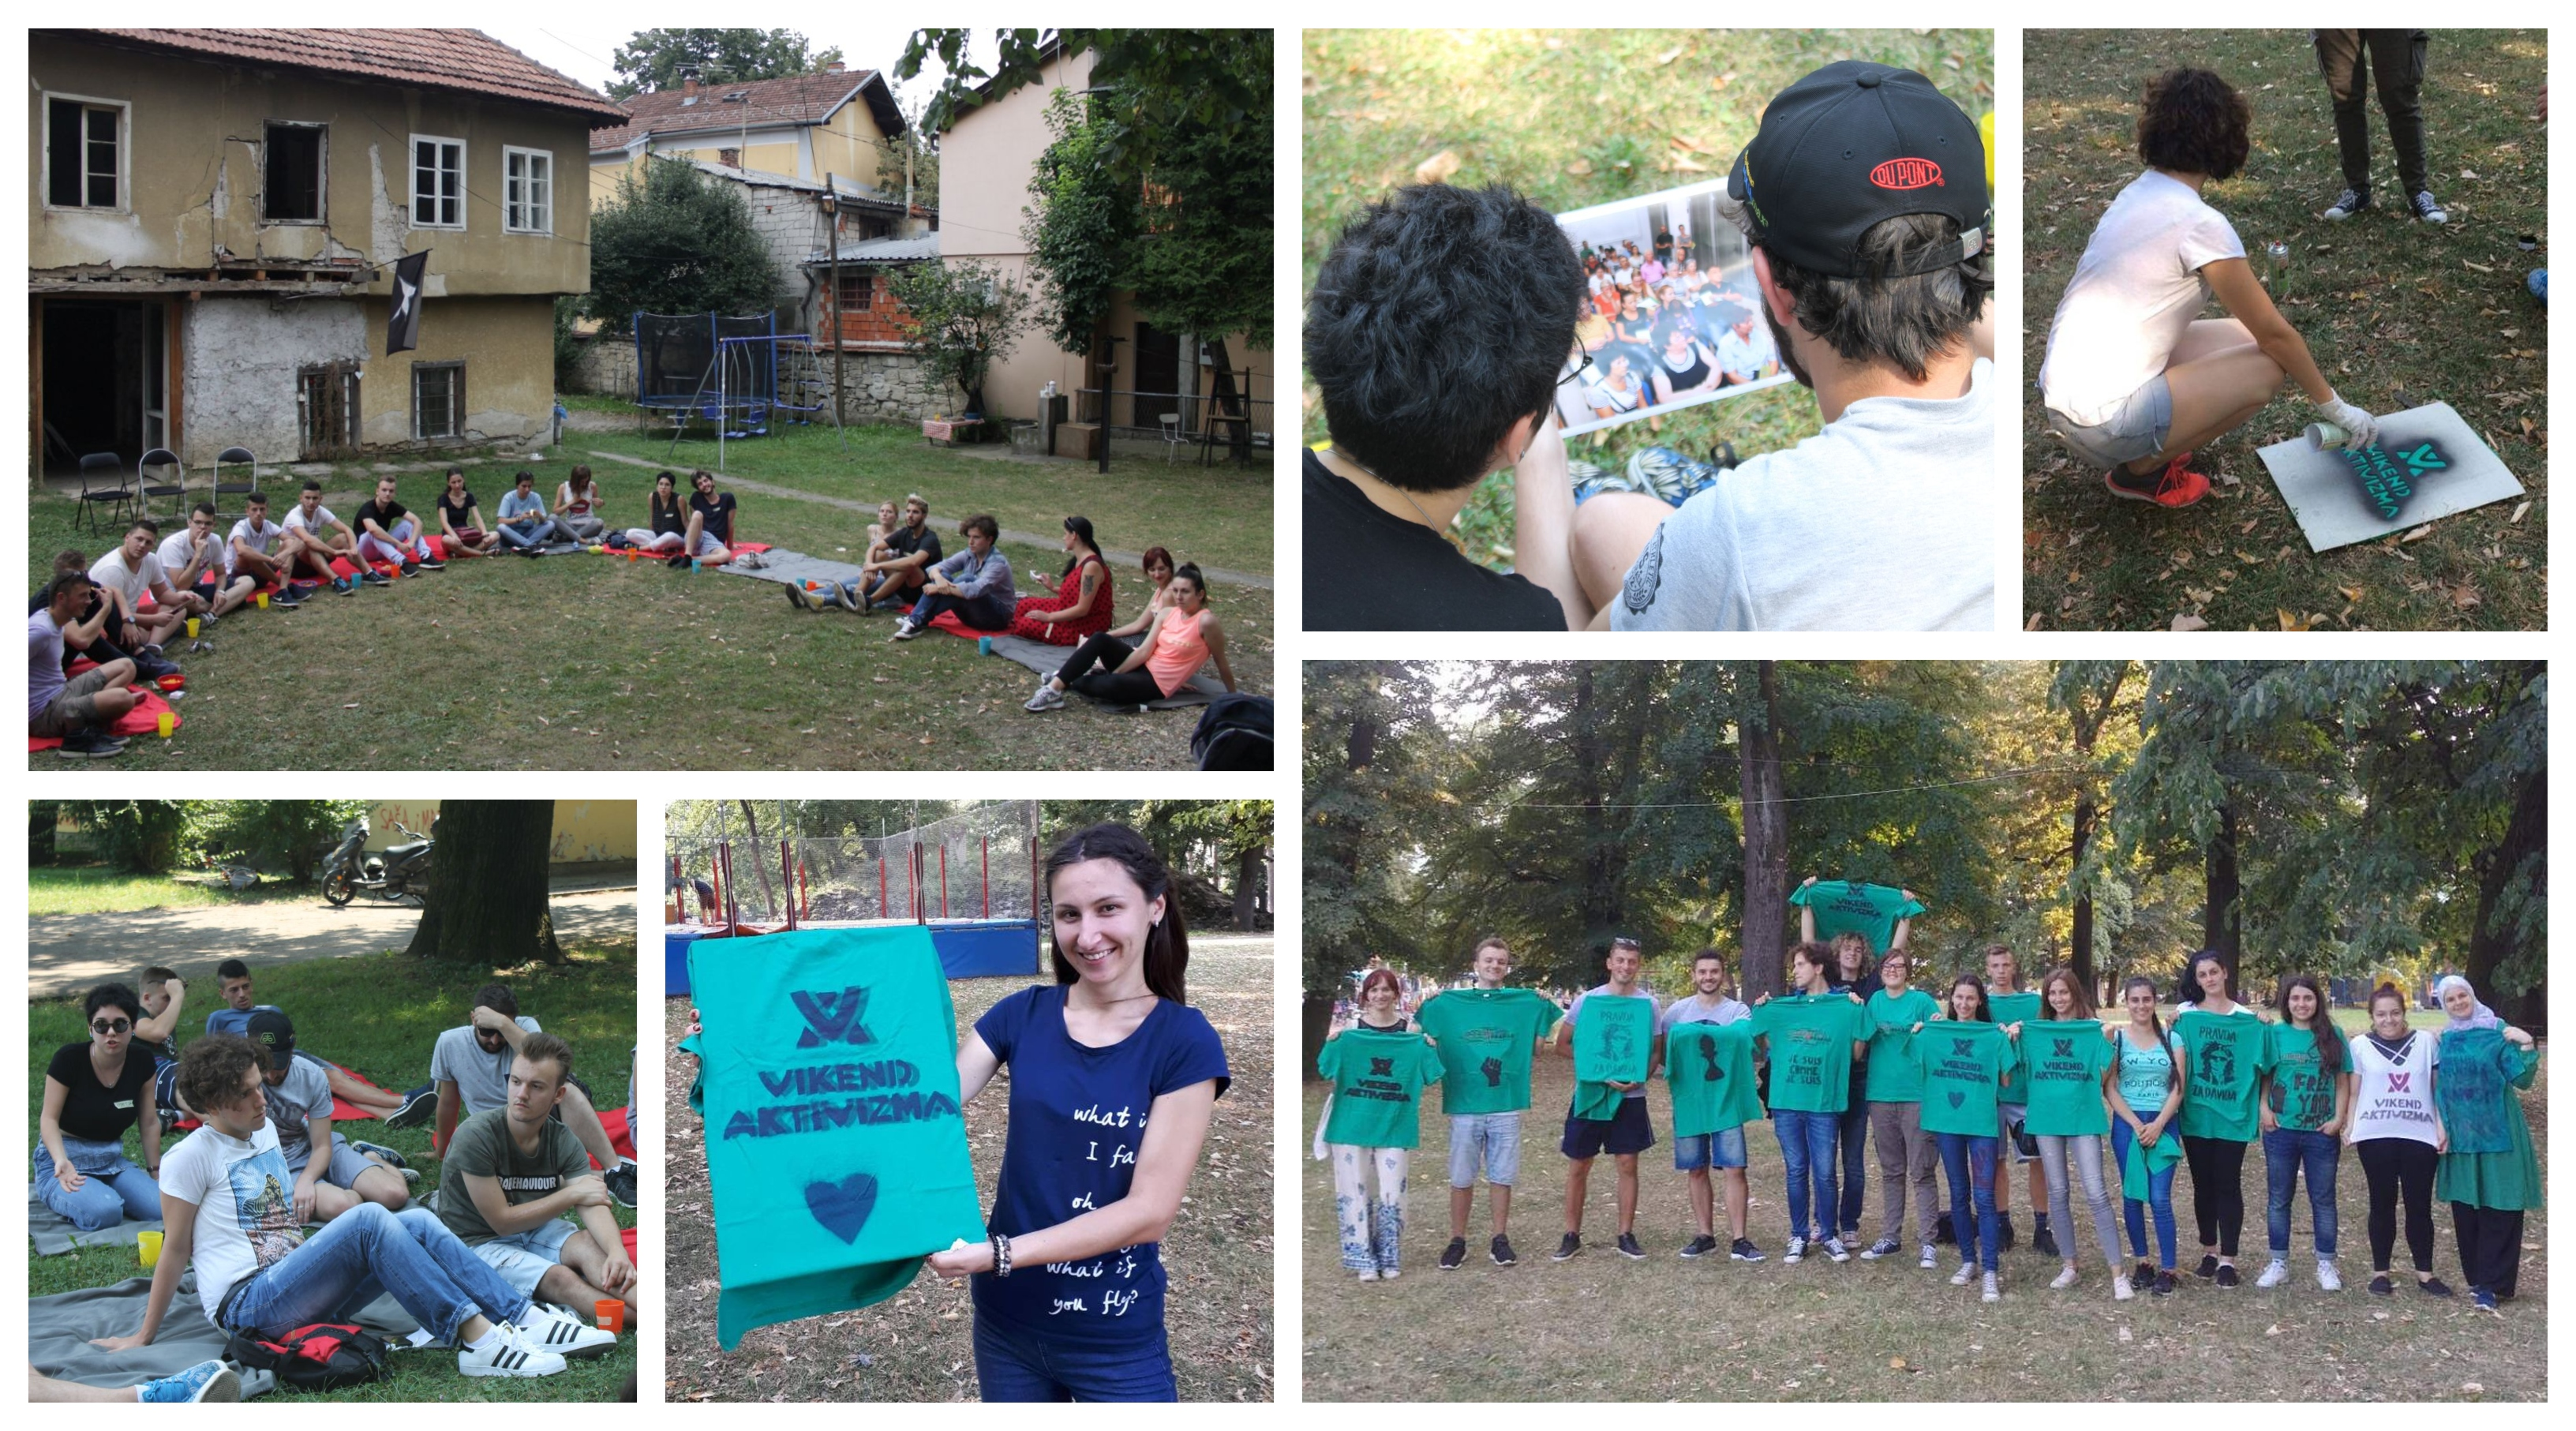 Sedmi vikend aktivizma: Suština je da građani što više koriste raspoloživa građanska i politička prava